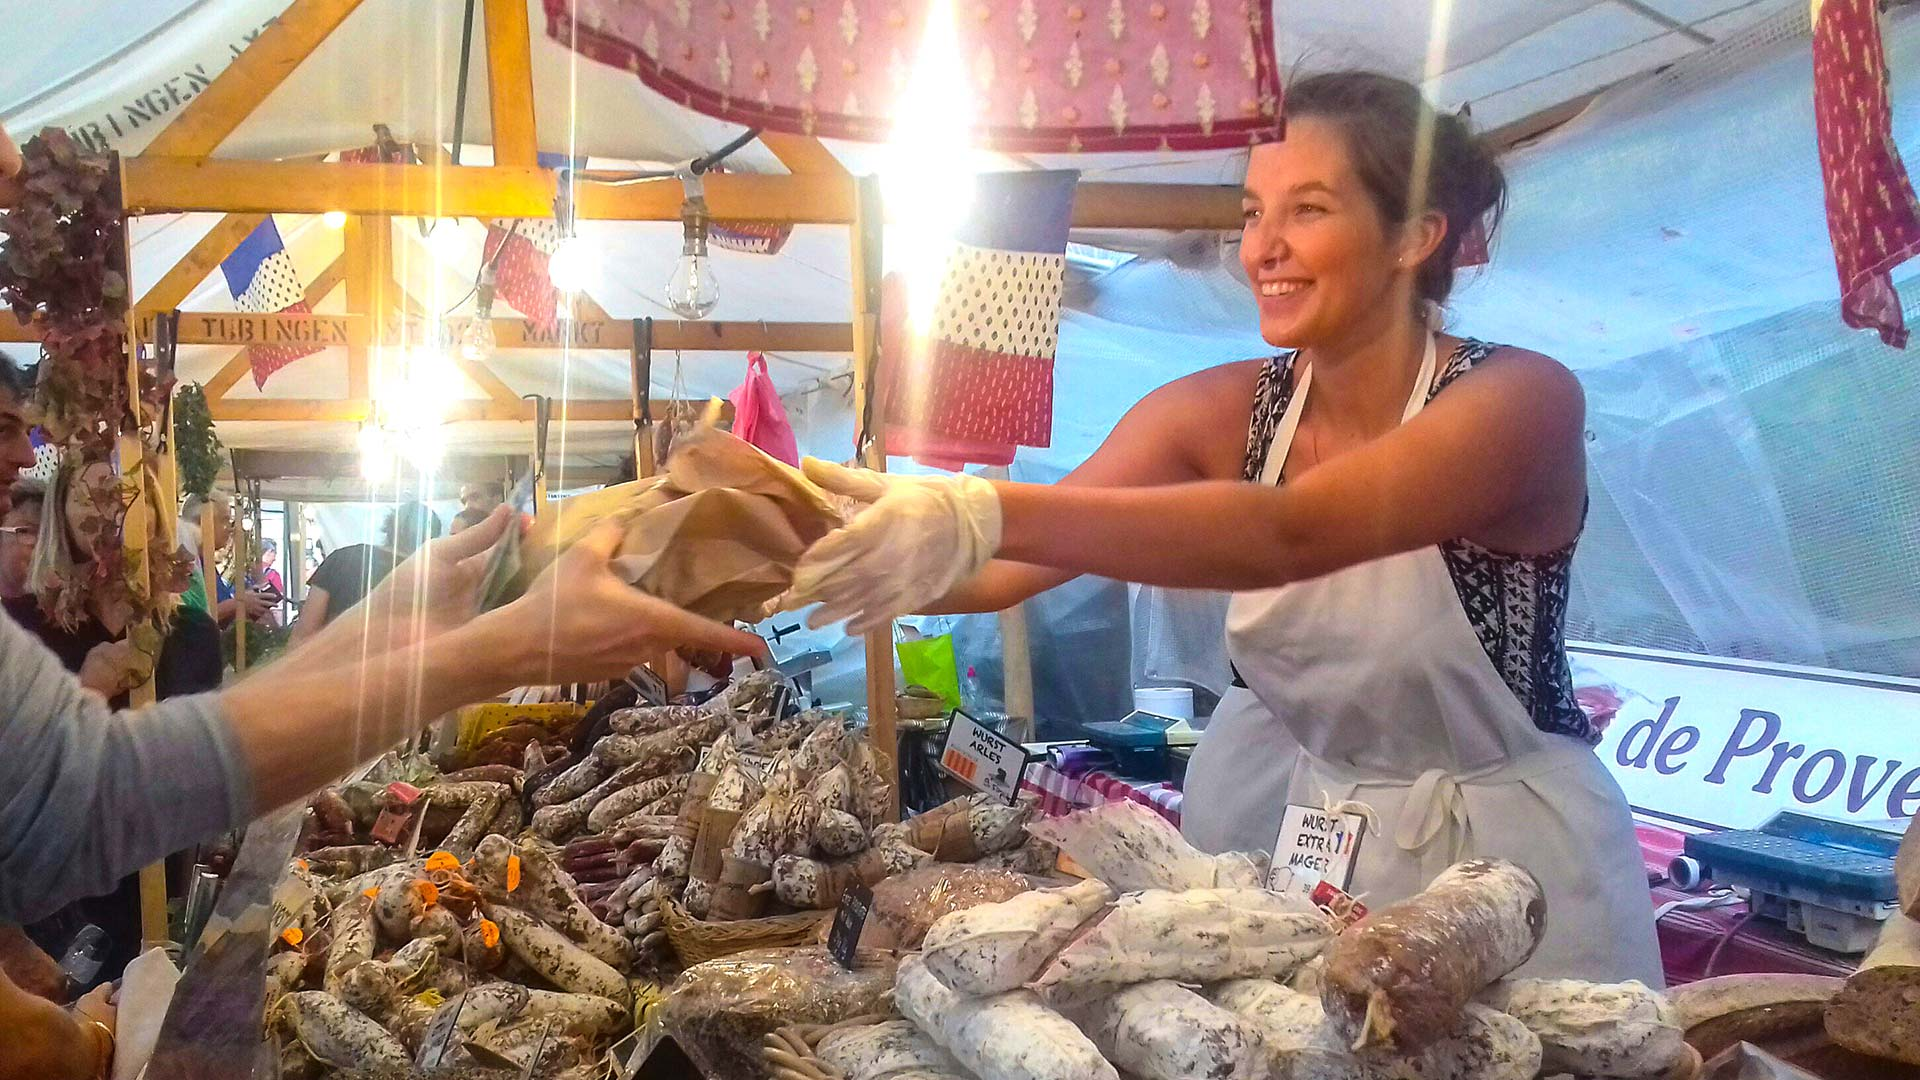 Umbrisch-provenzalischer Markt